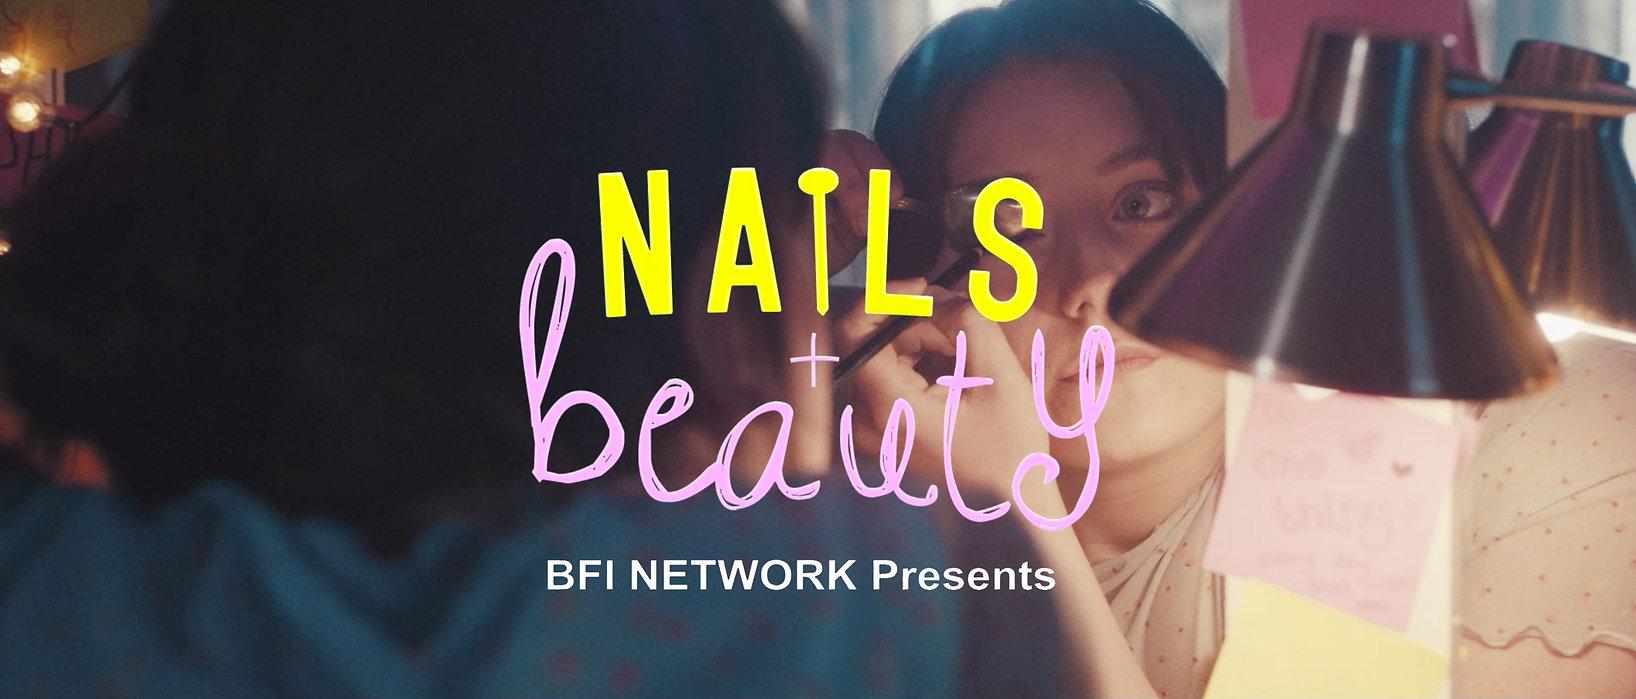 Nails & Beauty.jpg